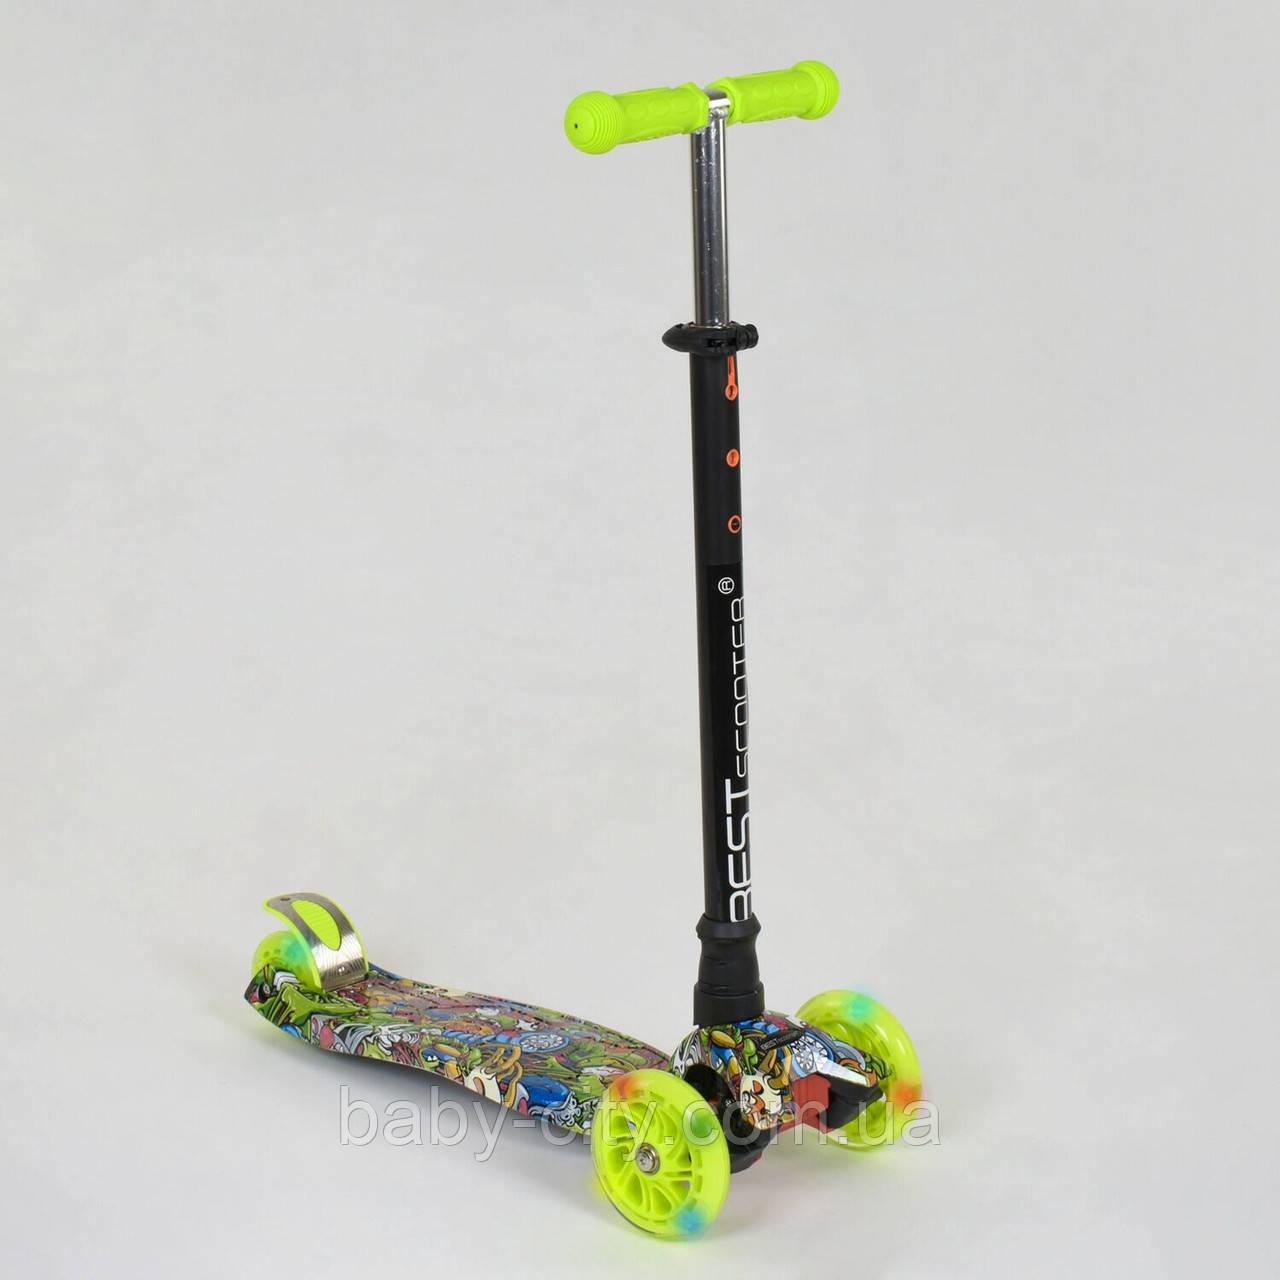 Самокат-кикборд Best Scooter А 24647 /779-1391